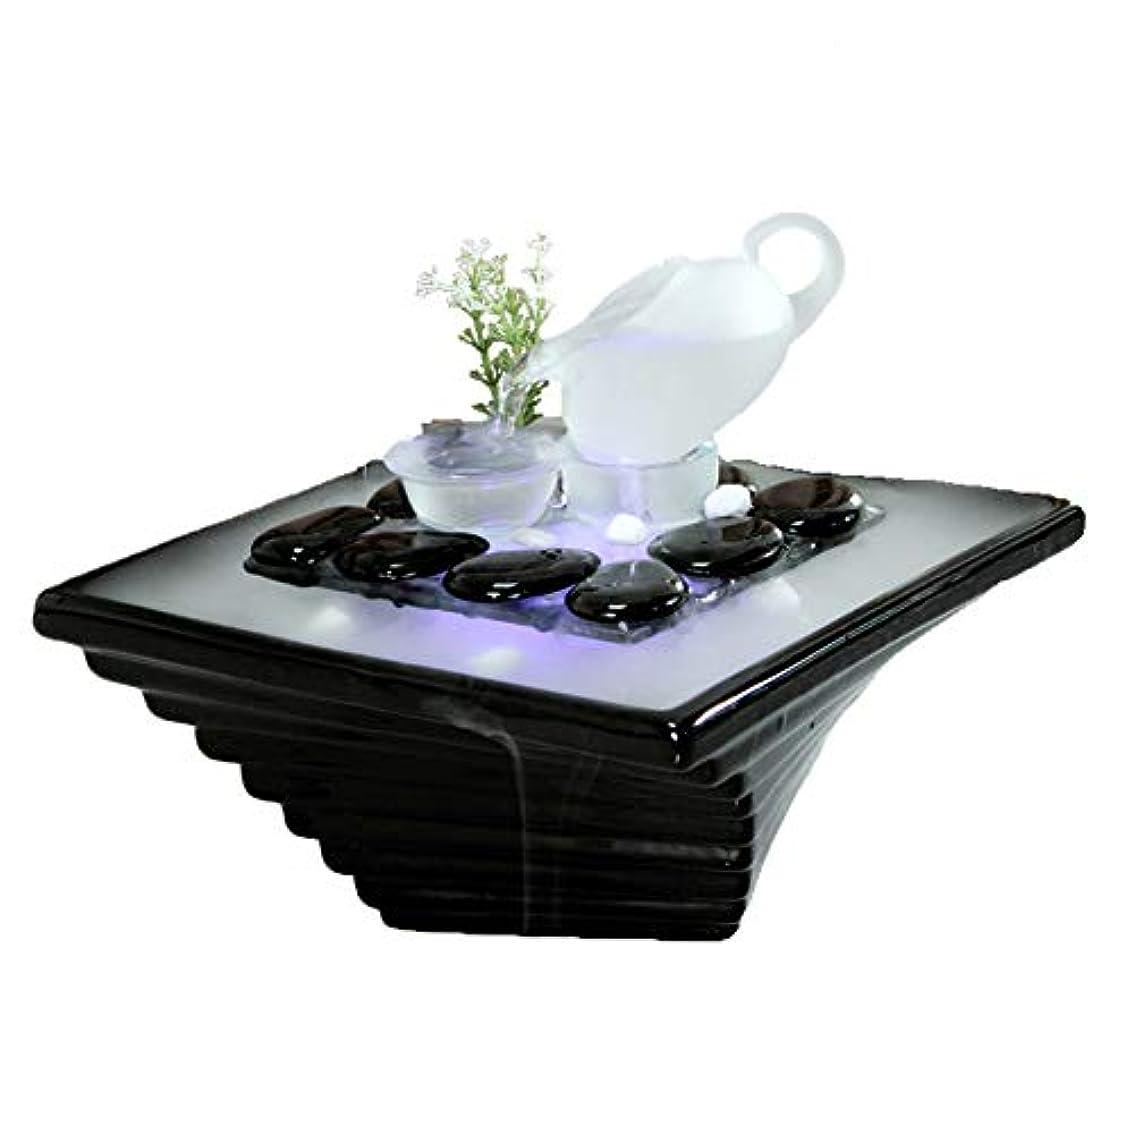 女の子接辞レパートリーエッセンシャルオイルディフューザー空気加湿器セラミッククラフトクリエイティブホームデスクトップ装飾アロマセラピー絶妙なギフト,Black